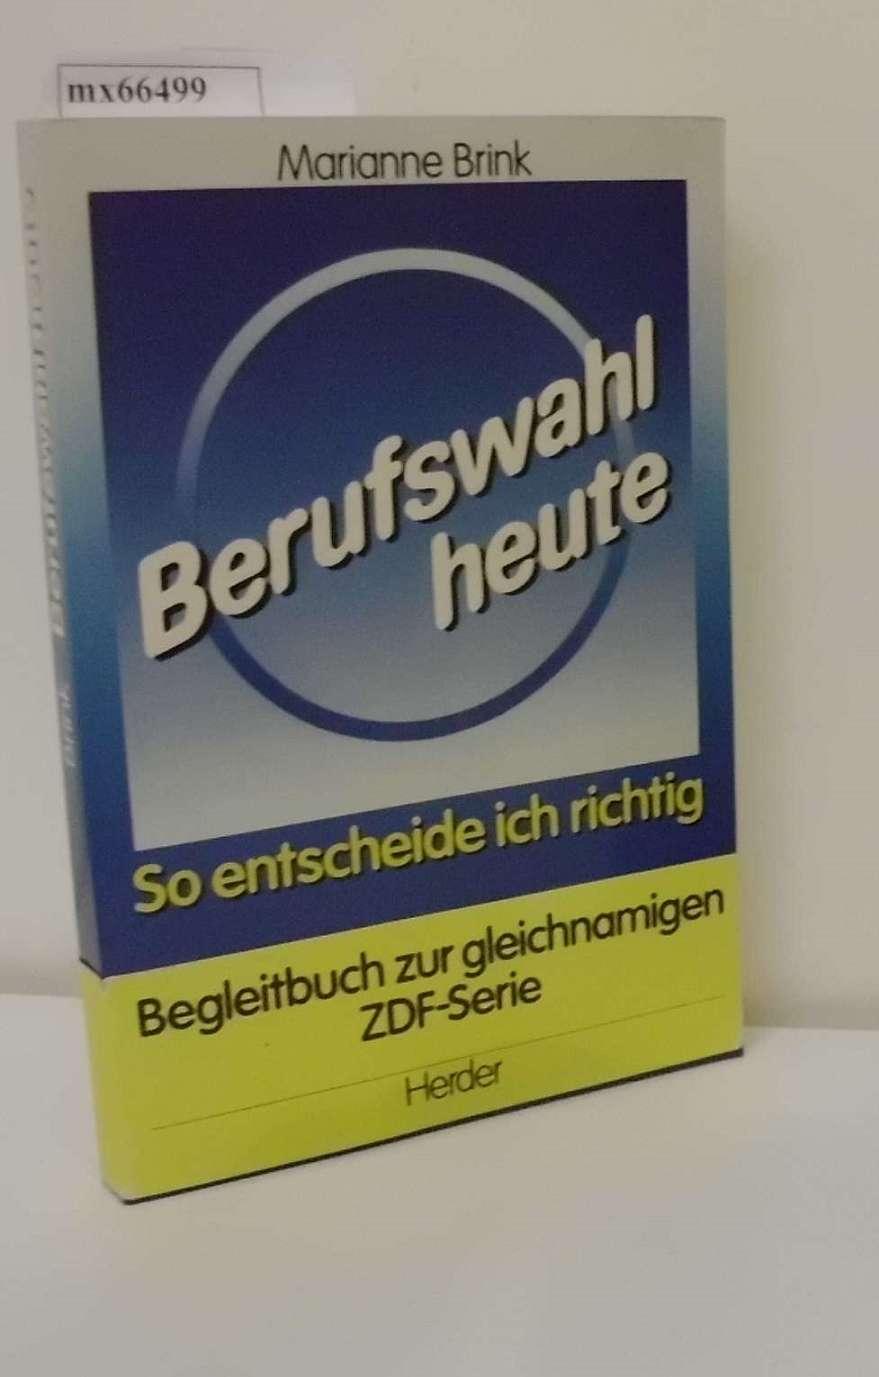 Brink, Marianne [Hrsg.]   Alt, Christel [Mitverf.]: Berufswahl heute so entscheide ich richtig / hrsg. von Marianne Brink. Mit Beitr. von Christel Alt ...